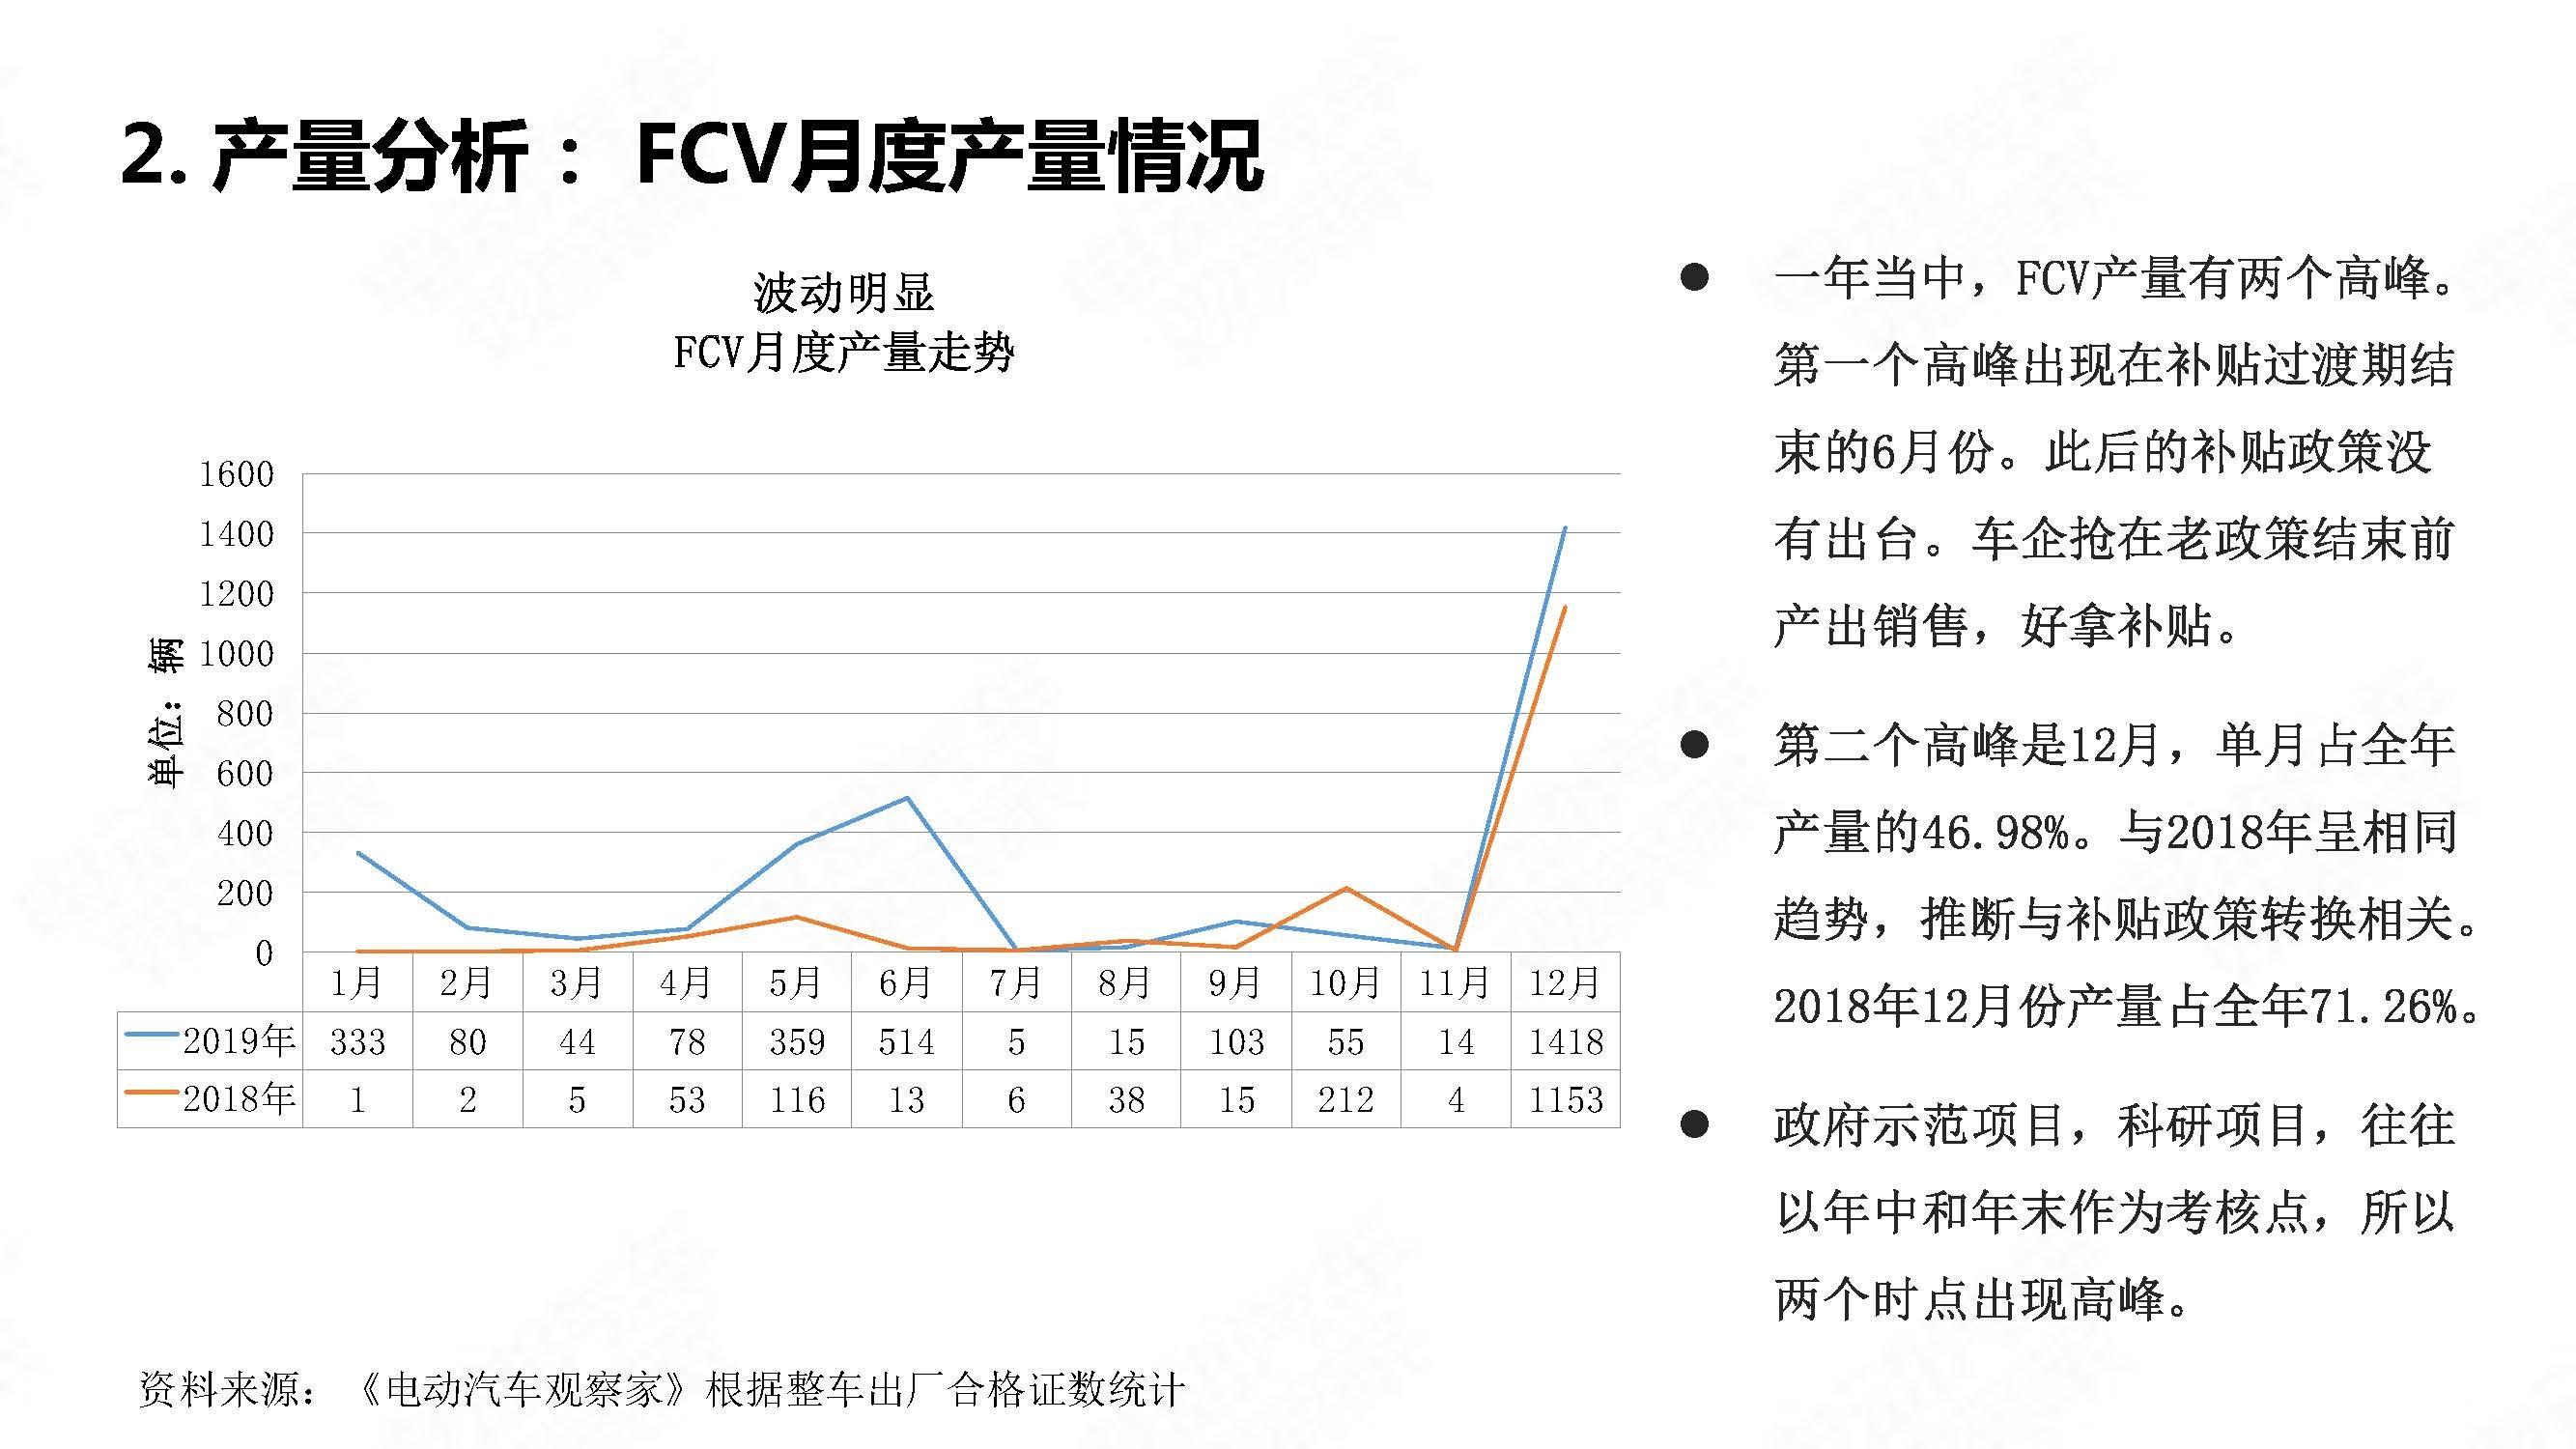 中国氢燃料电池汽车年度观察2020_页面_04